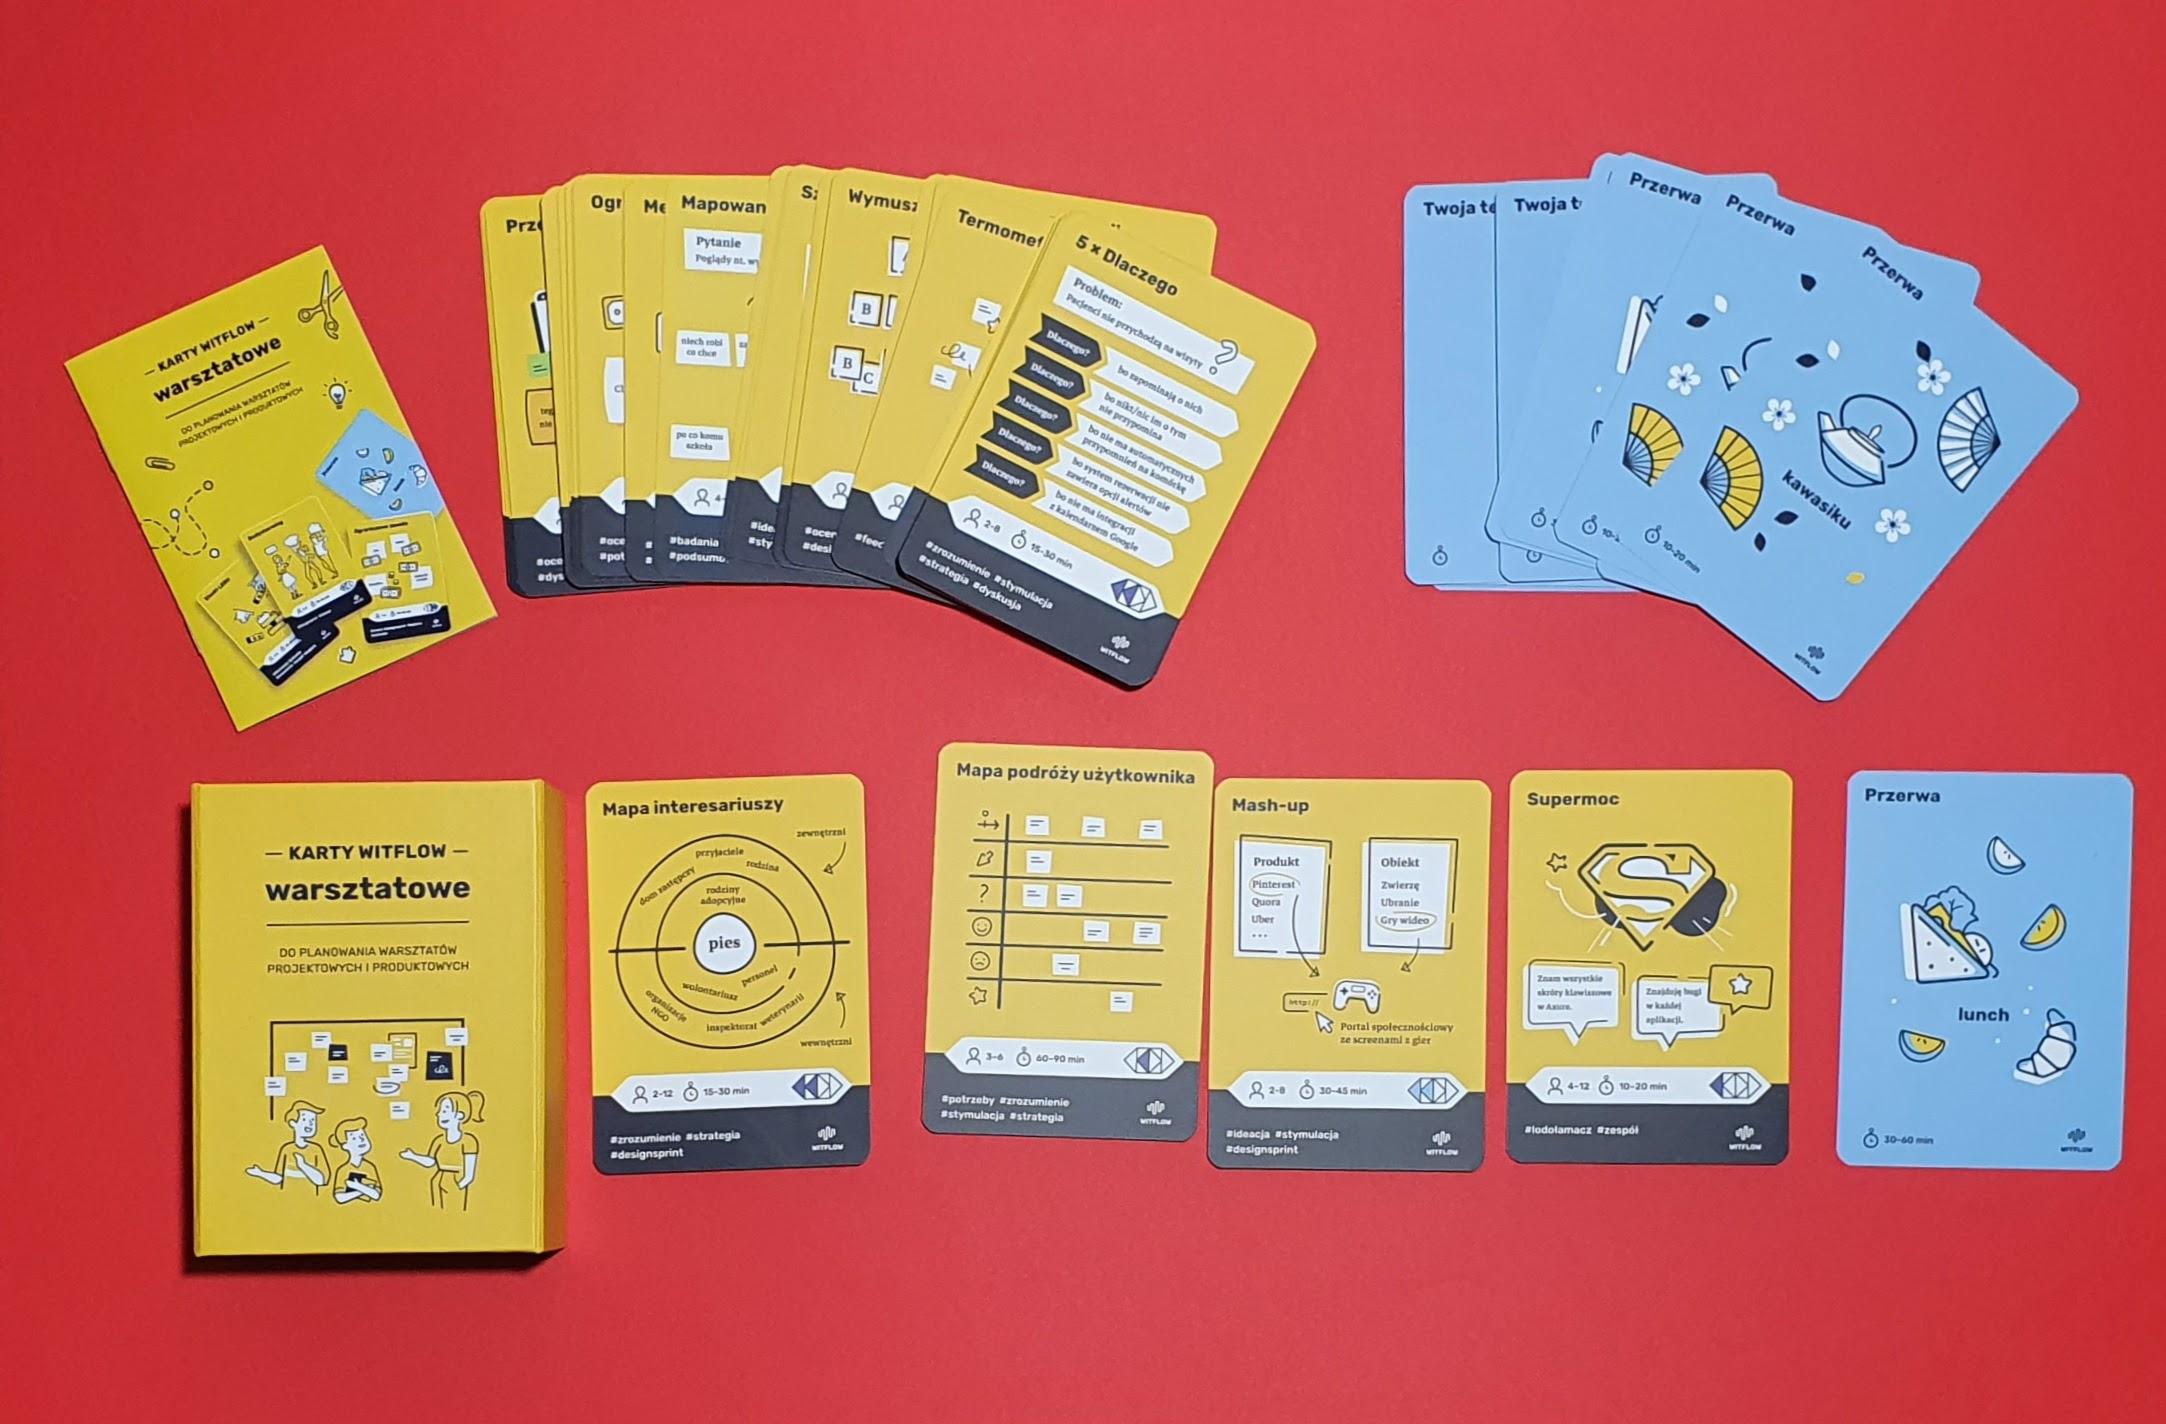 karty warsztatowe witflow